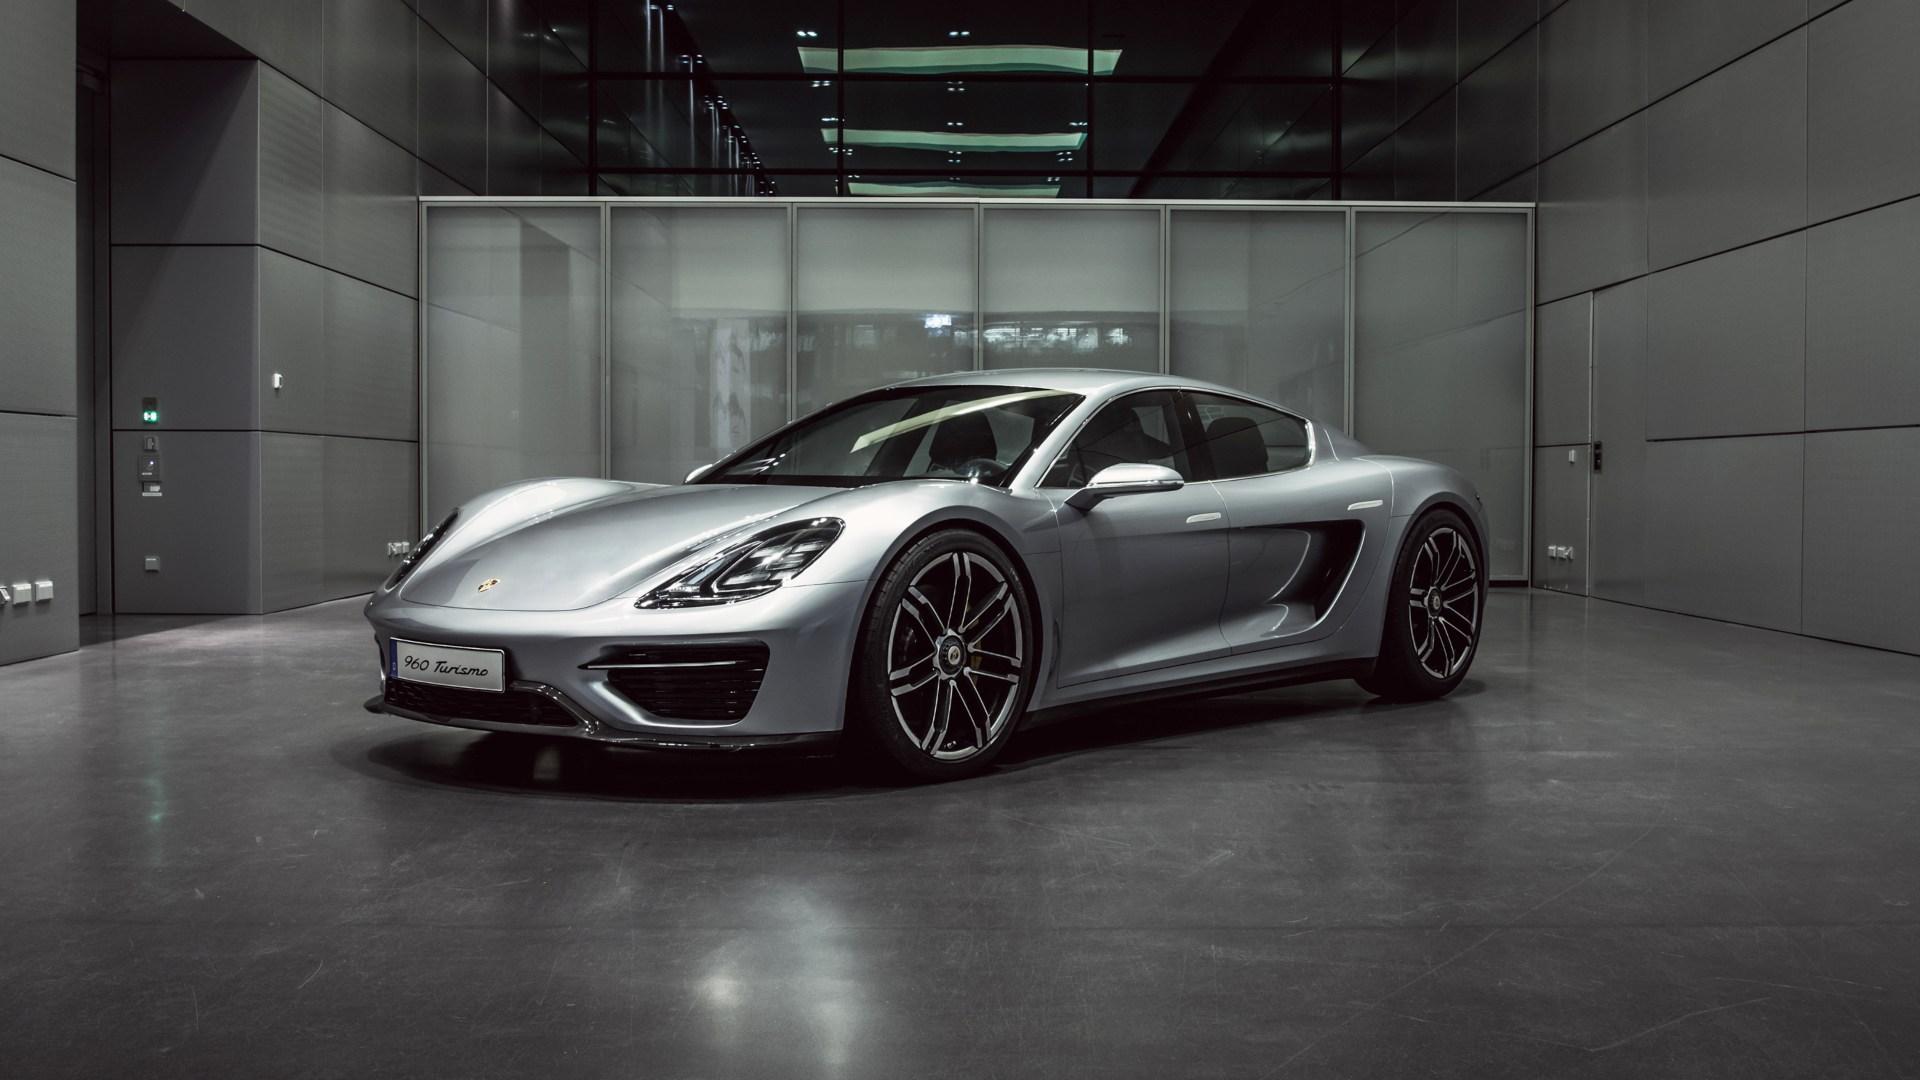 Porsche desvela el 960 Vision Turismo, la primera piedra hacia el Porsche Taycan